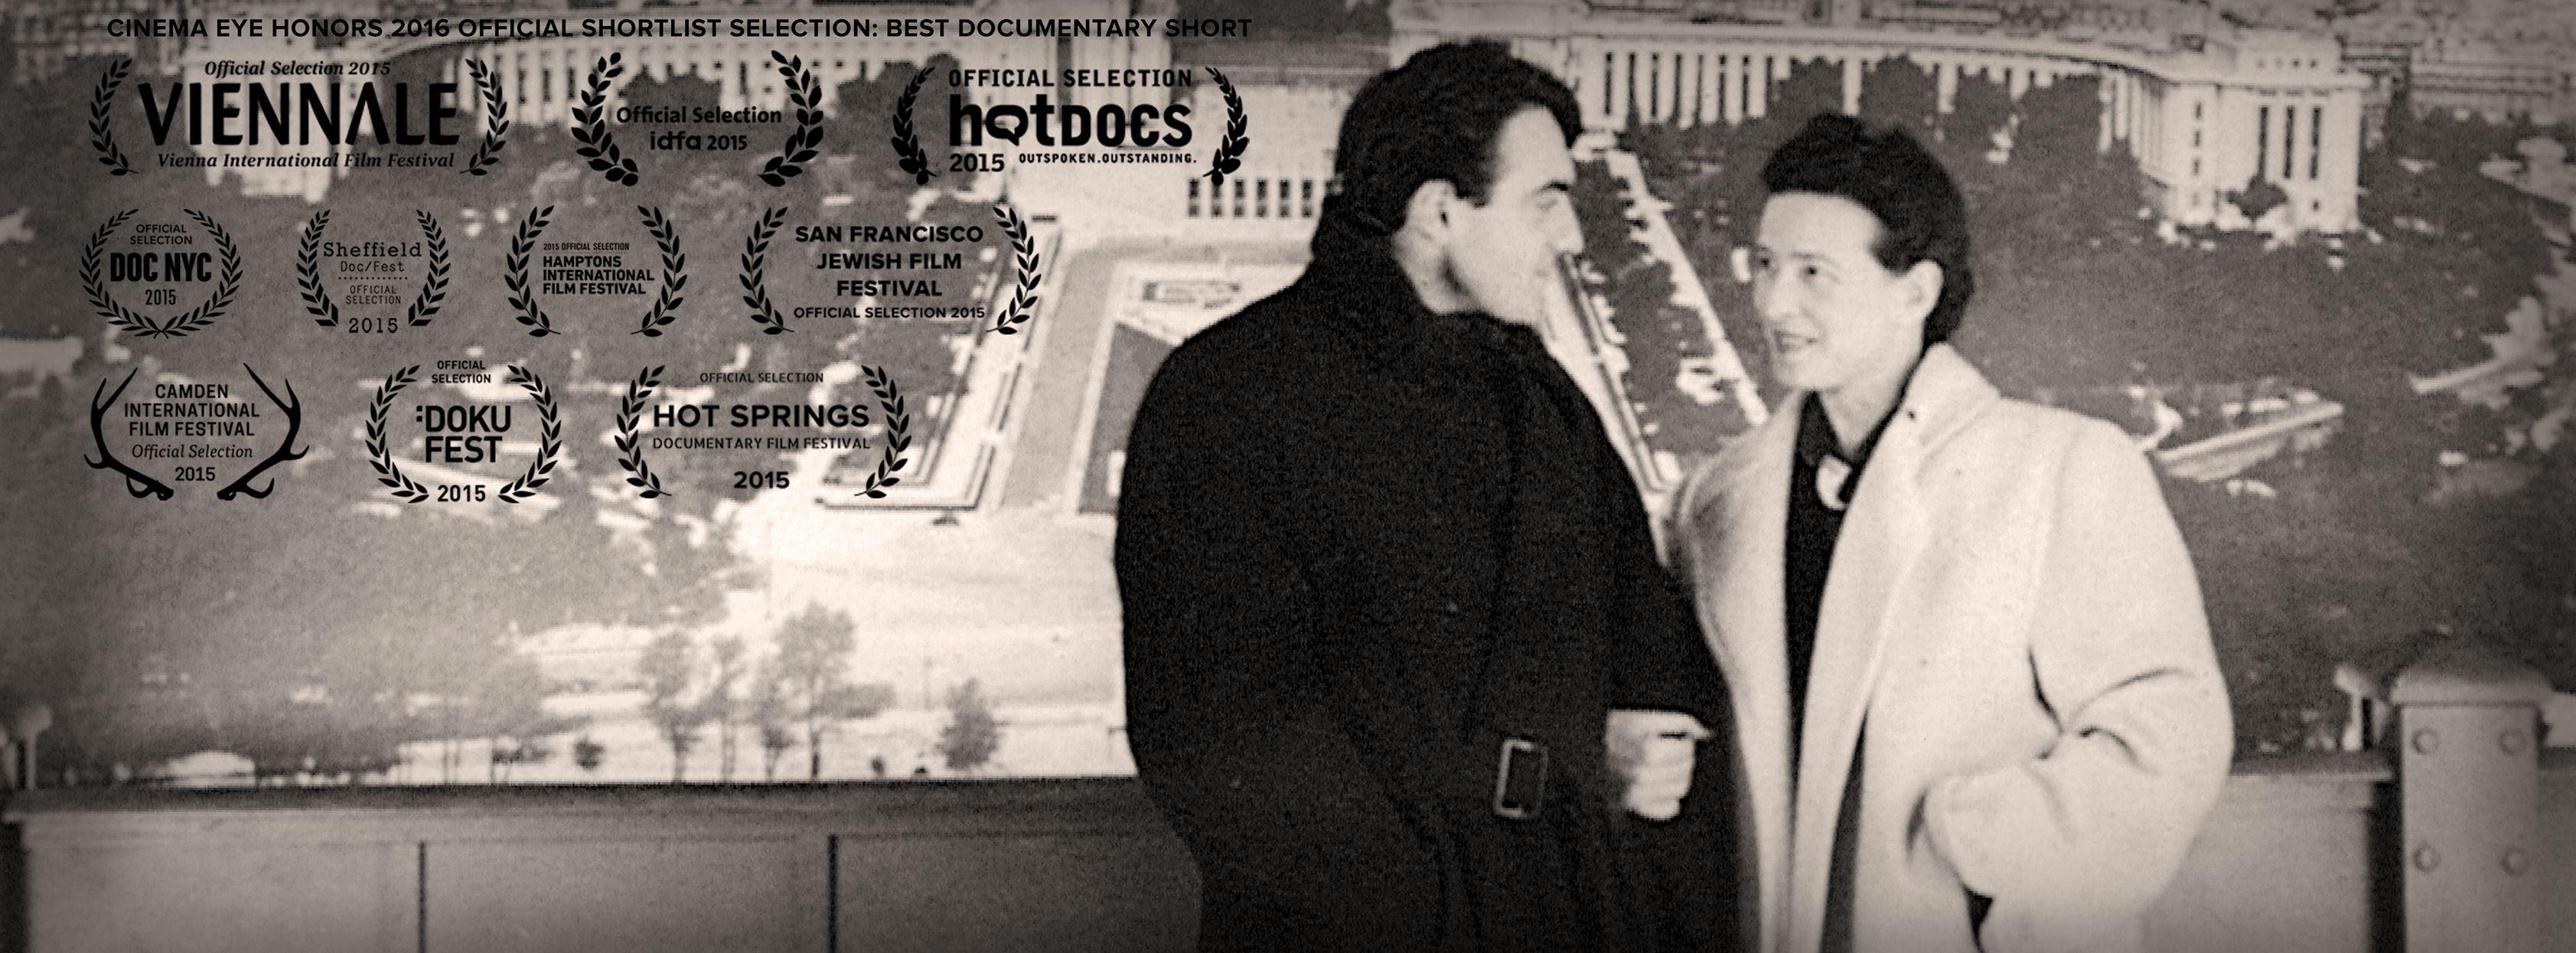 Simone de Beauvoir and Claude Lanzmann in Claude Lanzmann: Spectres of the Shoah (2015)